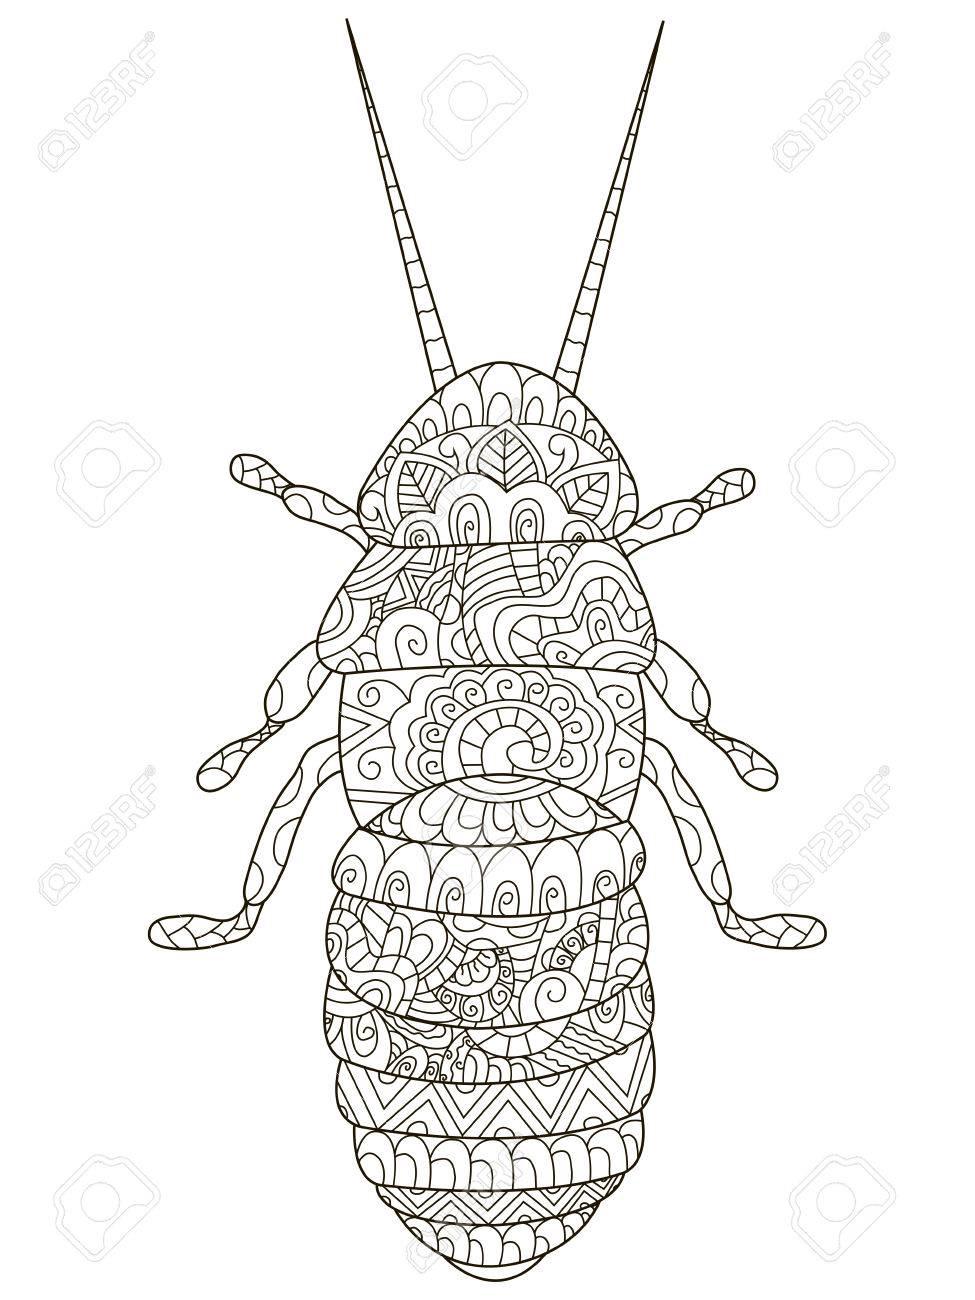 Escarabajo Colorear Ilustración Mascota Adulta. Antiestrés Colorear ...